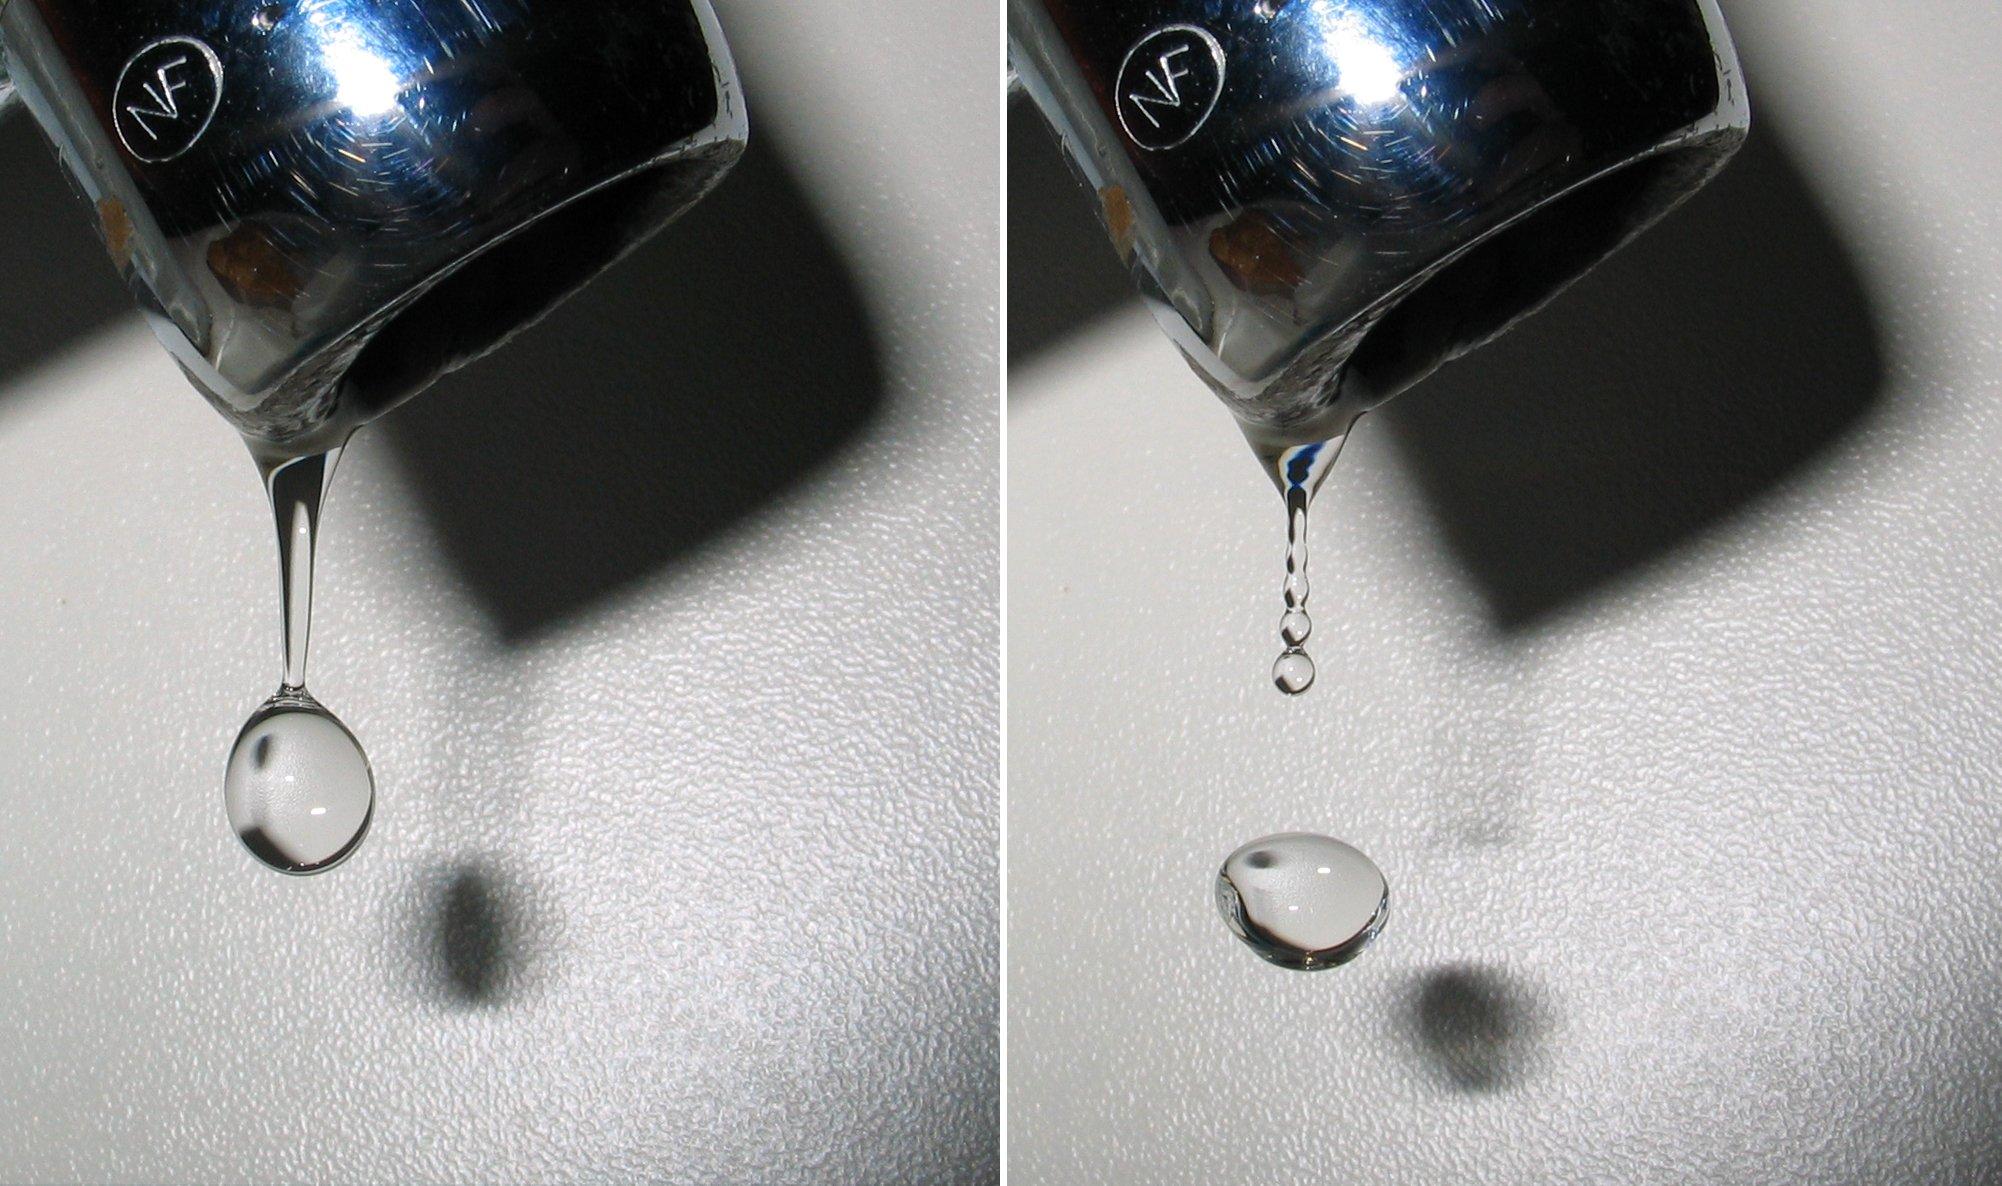 Gotas de agua, saliendo de un grifo. Se puede comprobar claramente sus diversas formas.